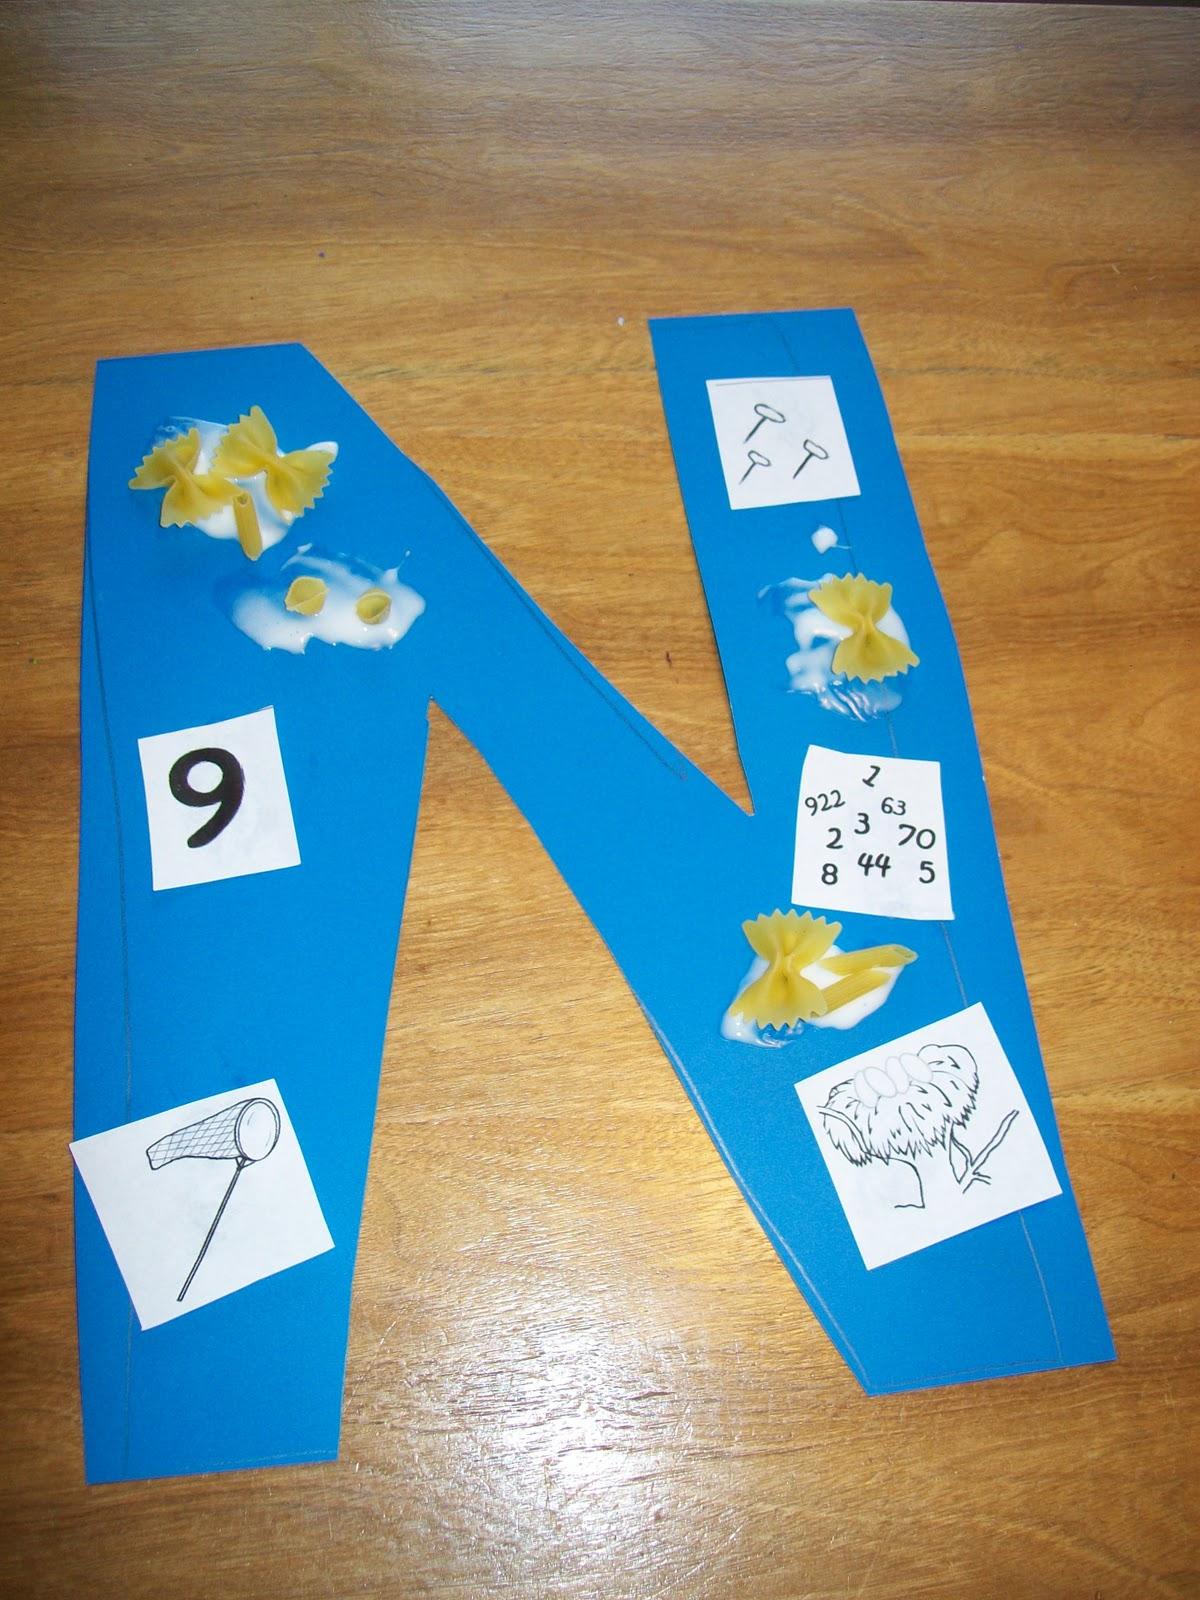 Preschool Words That Begin With Letter N